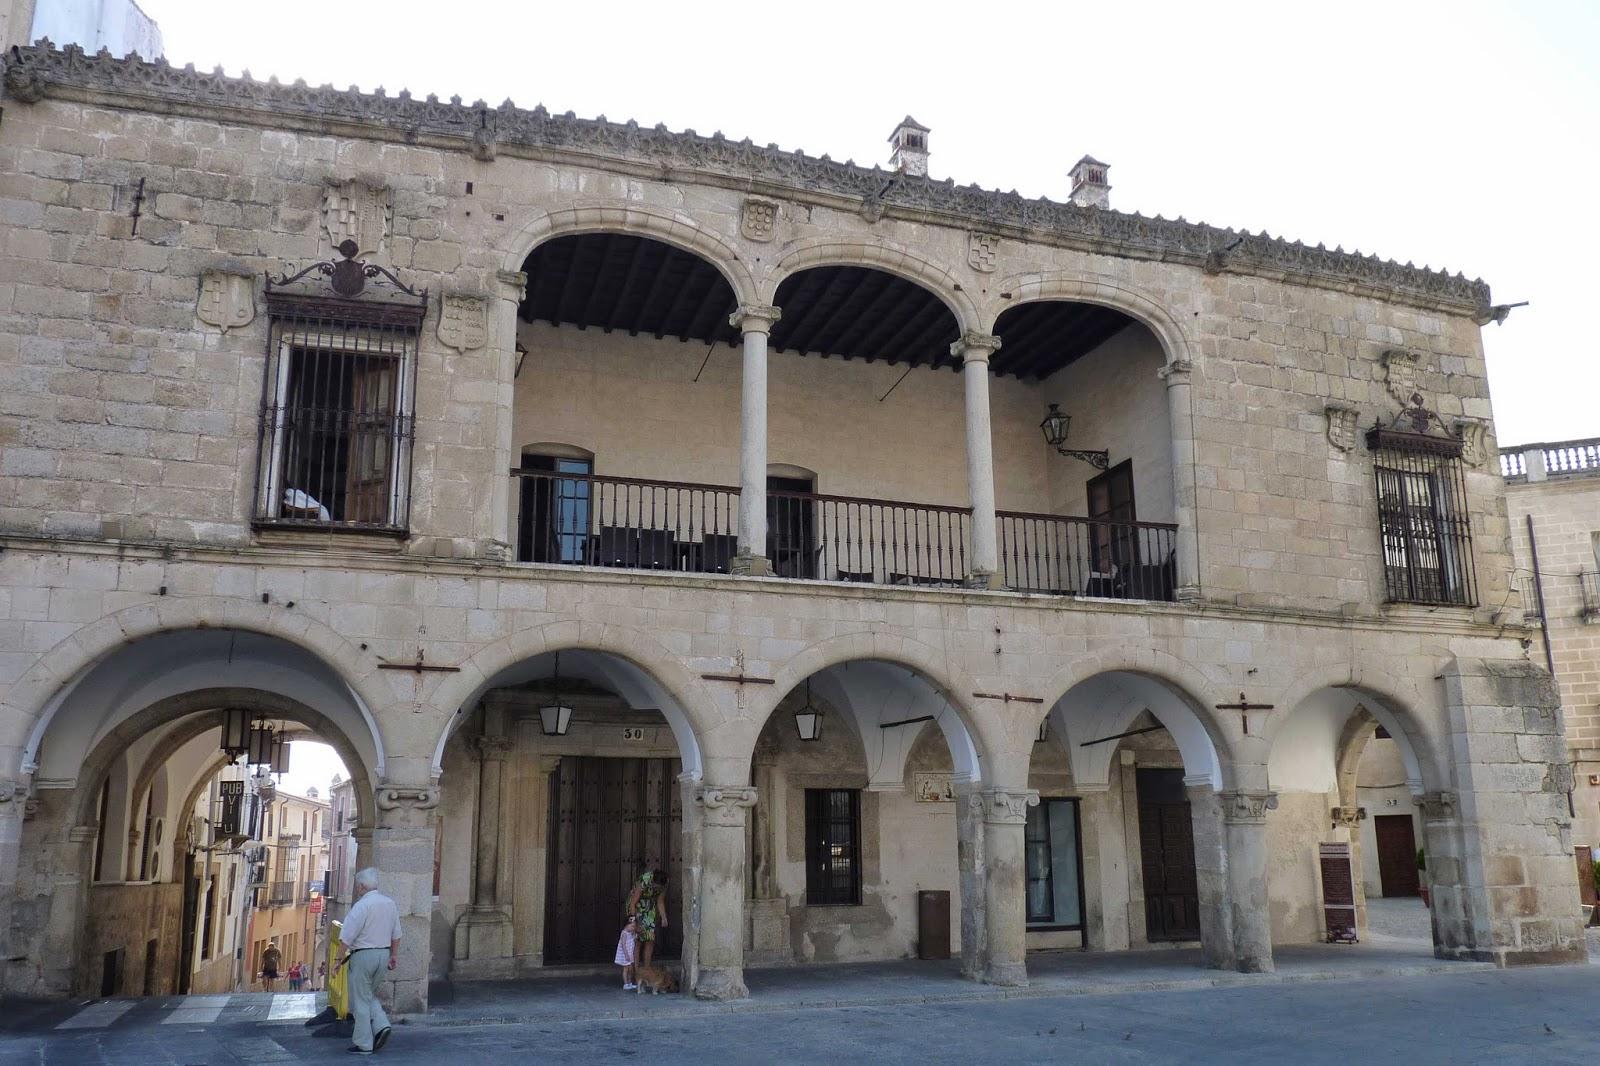 Palacio de Piedras Albas, Plaza Mayor de Trujillo.